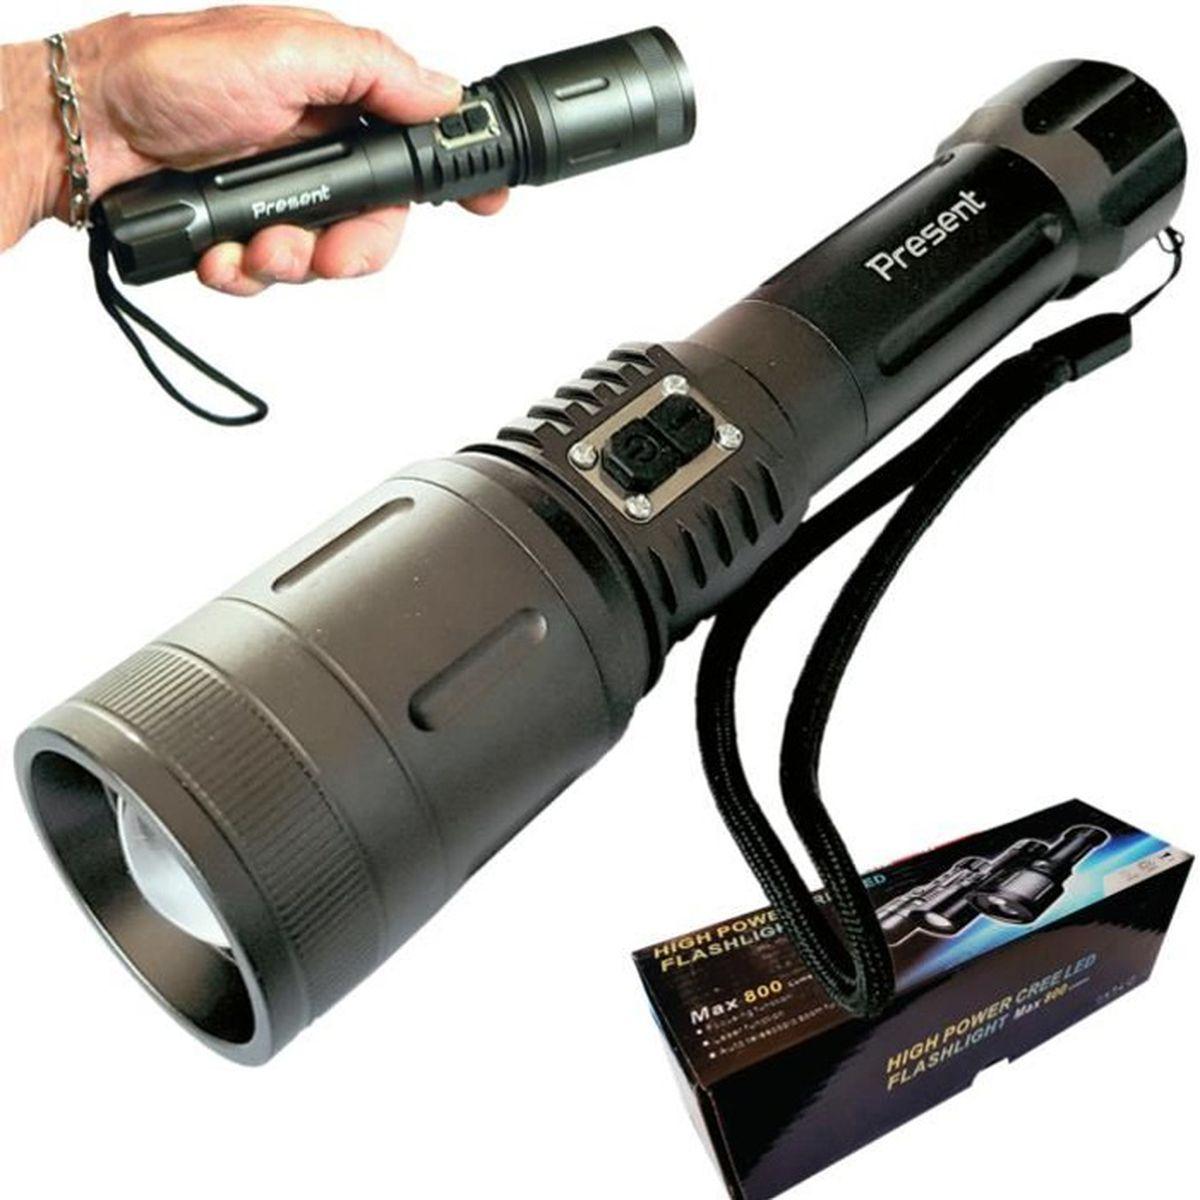 le torche rechargeable ultra puissante d une portée de 500 m